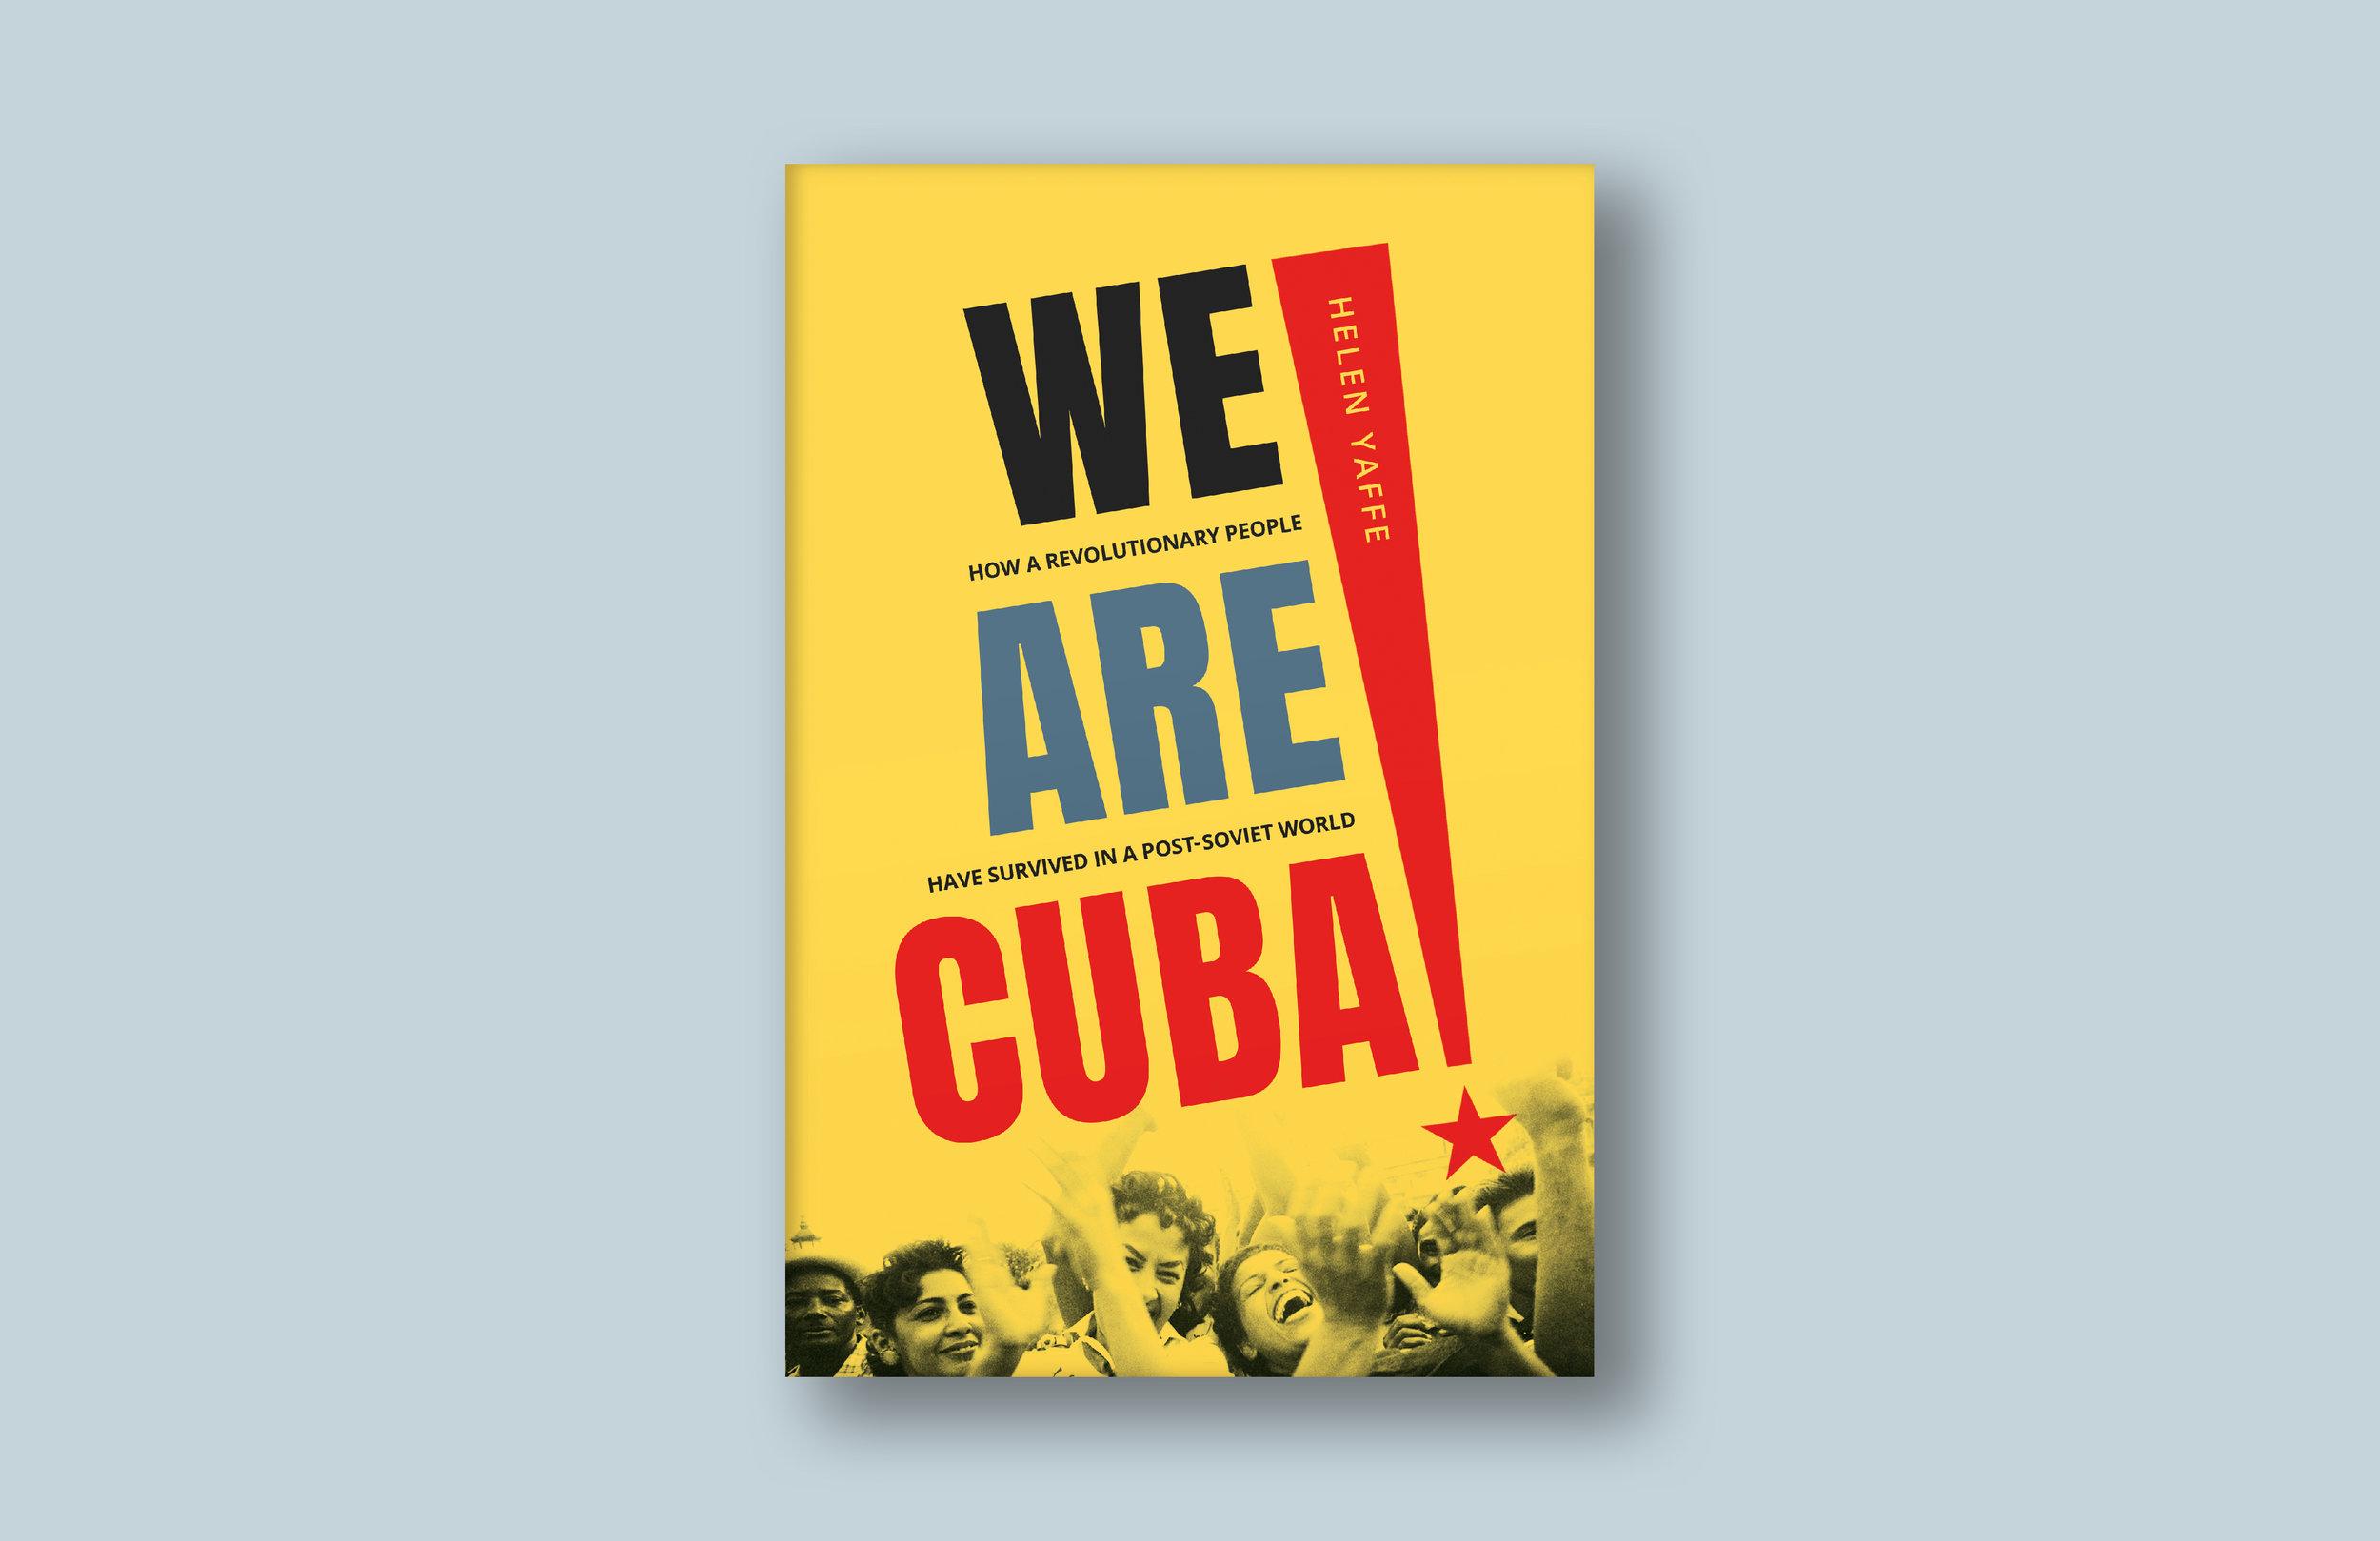 Cuba ROUGH.jpg